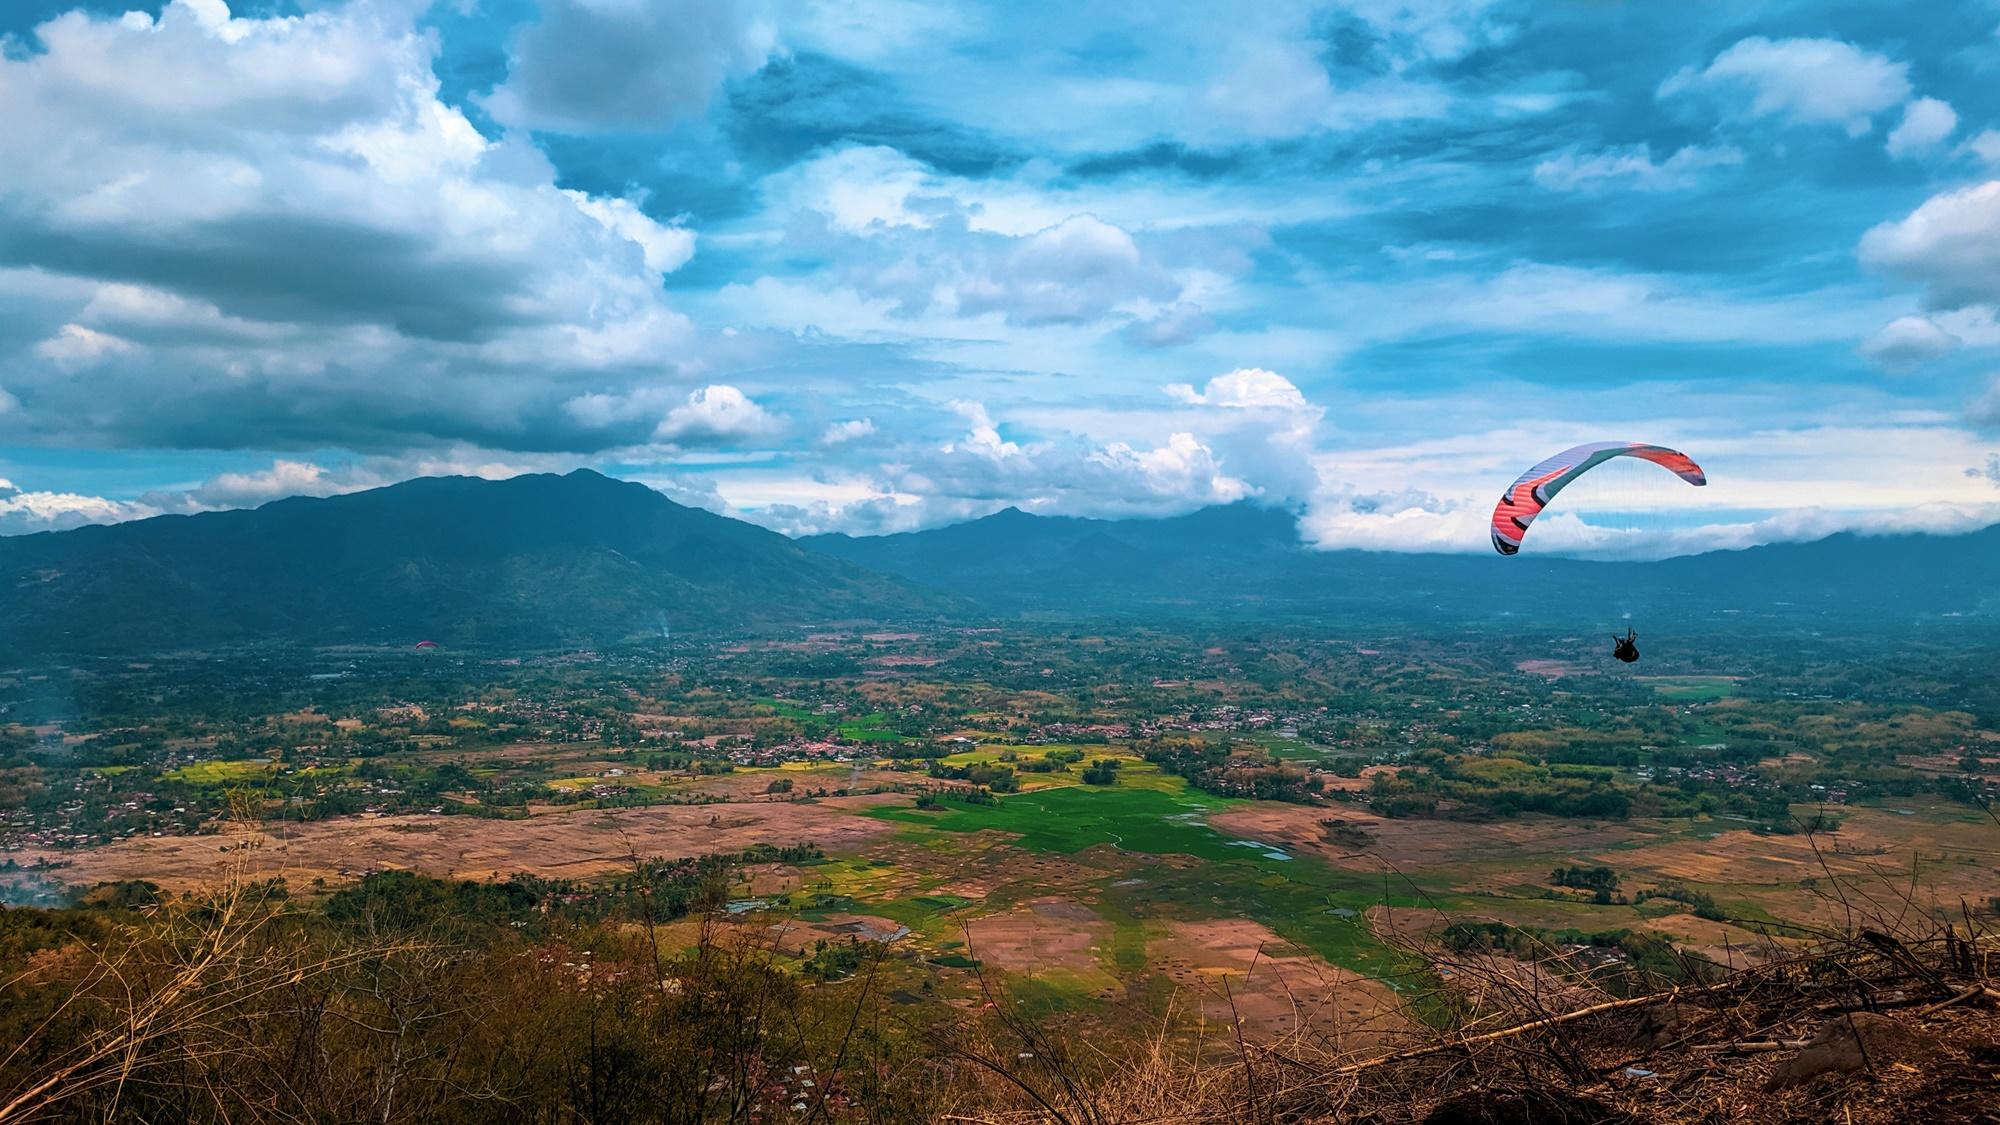 Atlet paralayang meluncur di udara